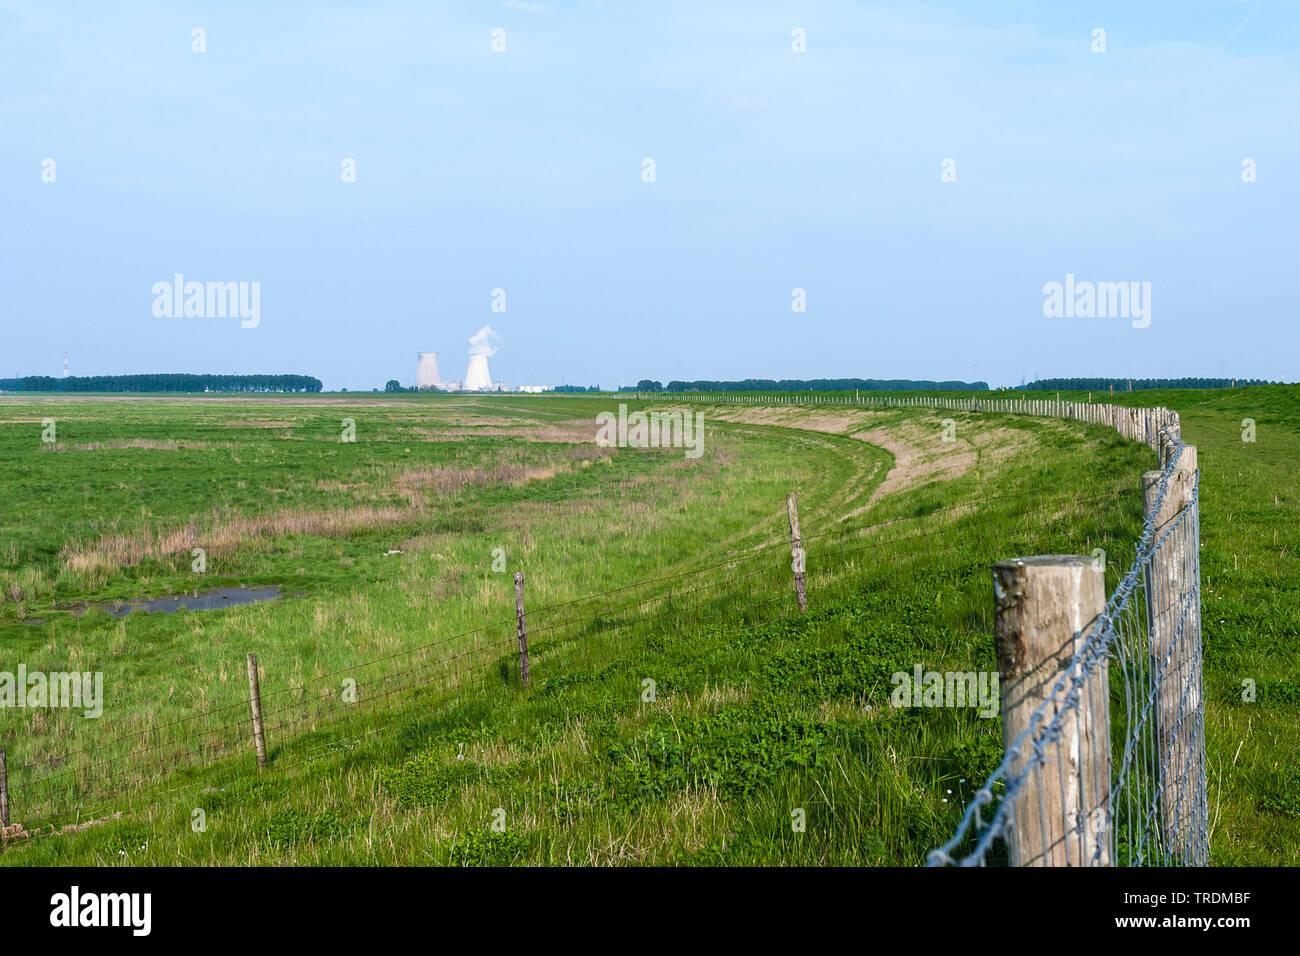 Landschaft von Saeftinghe, Atimkraftwerk im Hintergrund, The Netherlands; Nederland, Zeeland, Verdronken Land van Saeftinghe | Landscape at Drowned La - Stock Image